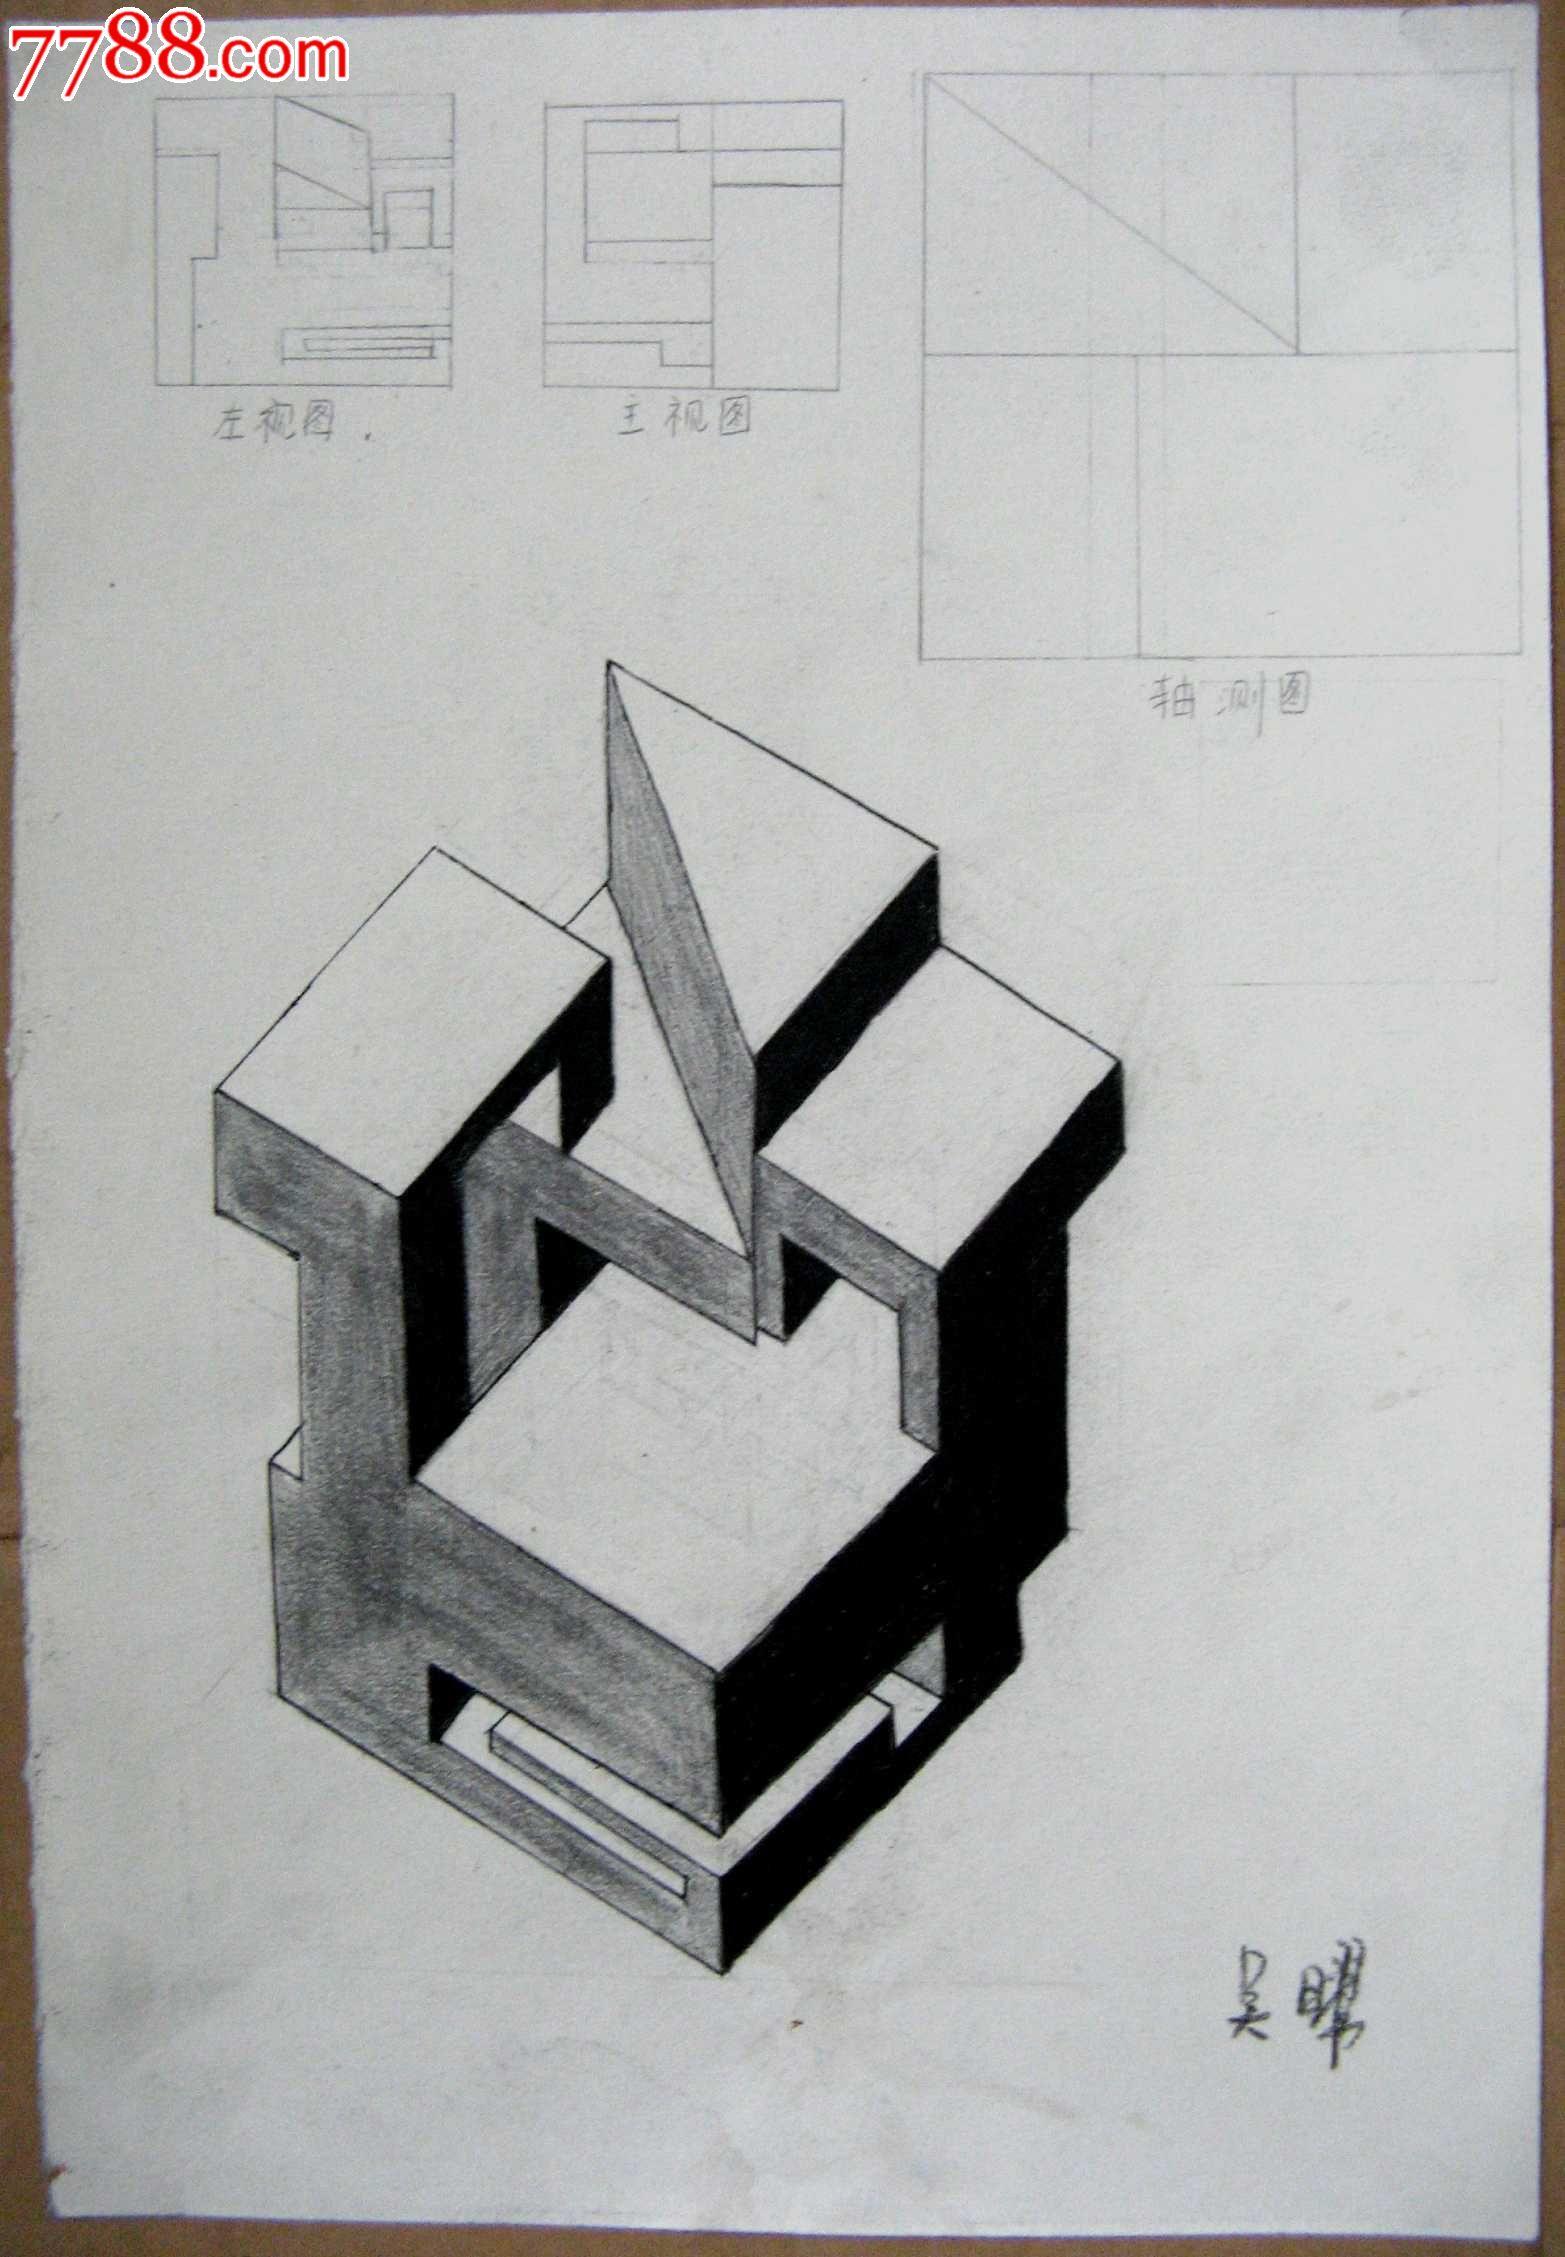 铅笔素描画2幅:多面图形